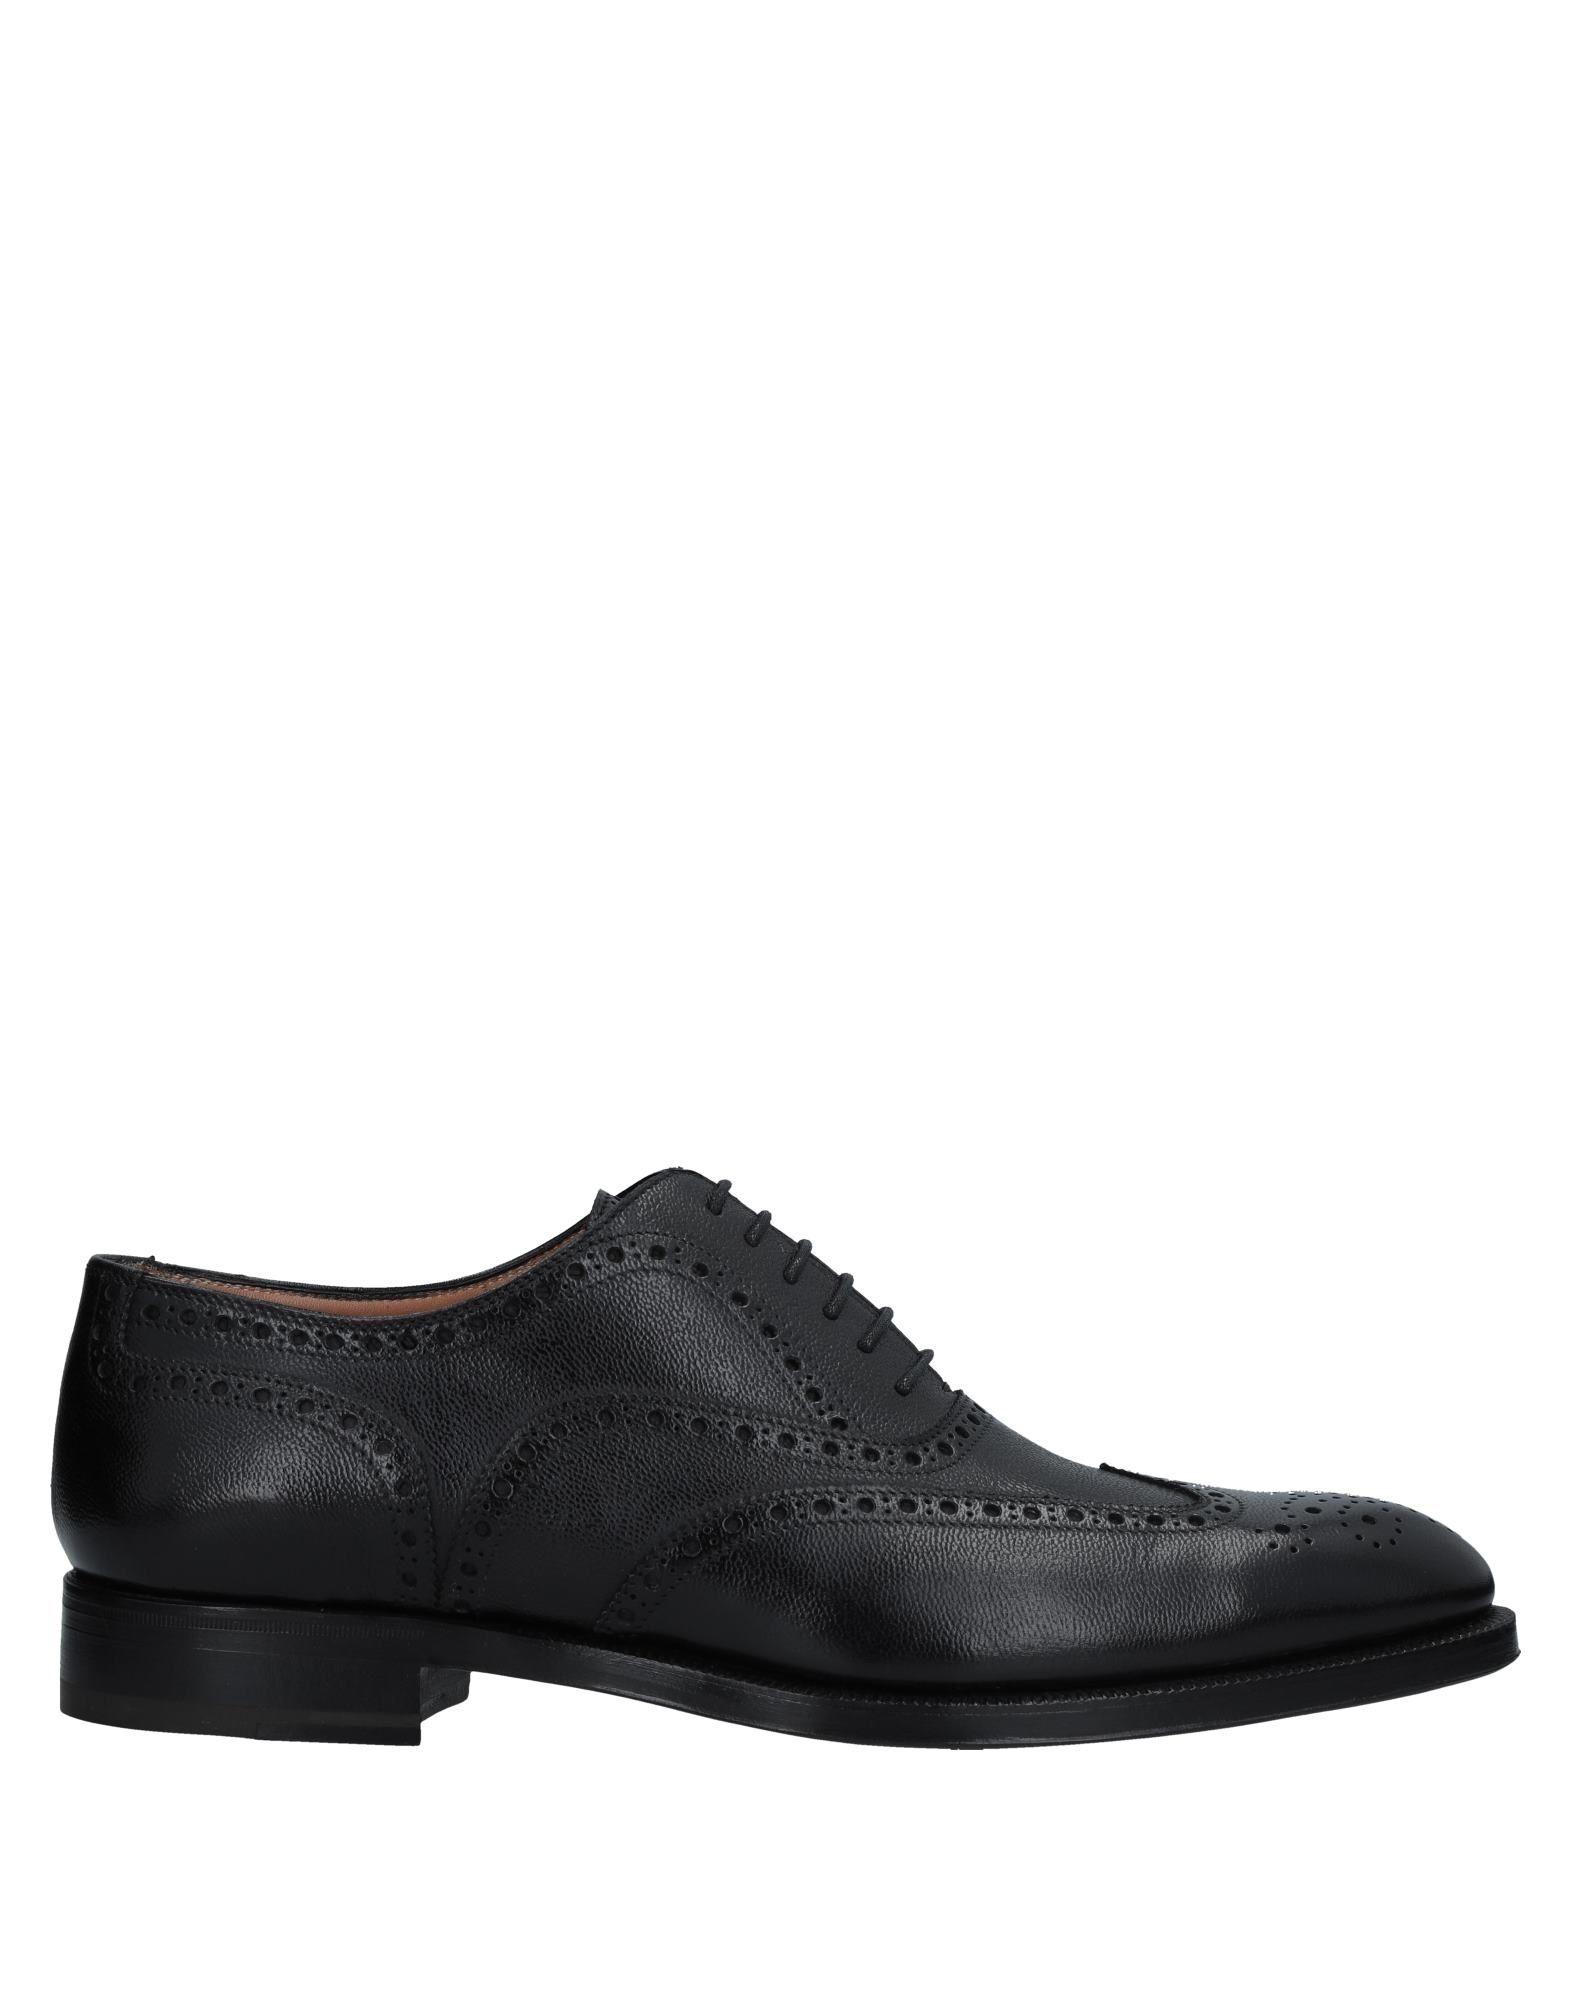 Sutor Mantellassi Schnürschuhe Herren  11535240QS Gute Qualität beliebte Schuhe